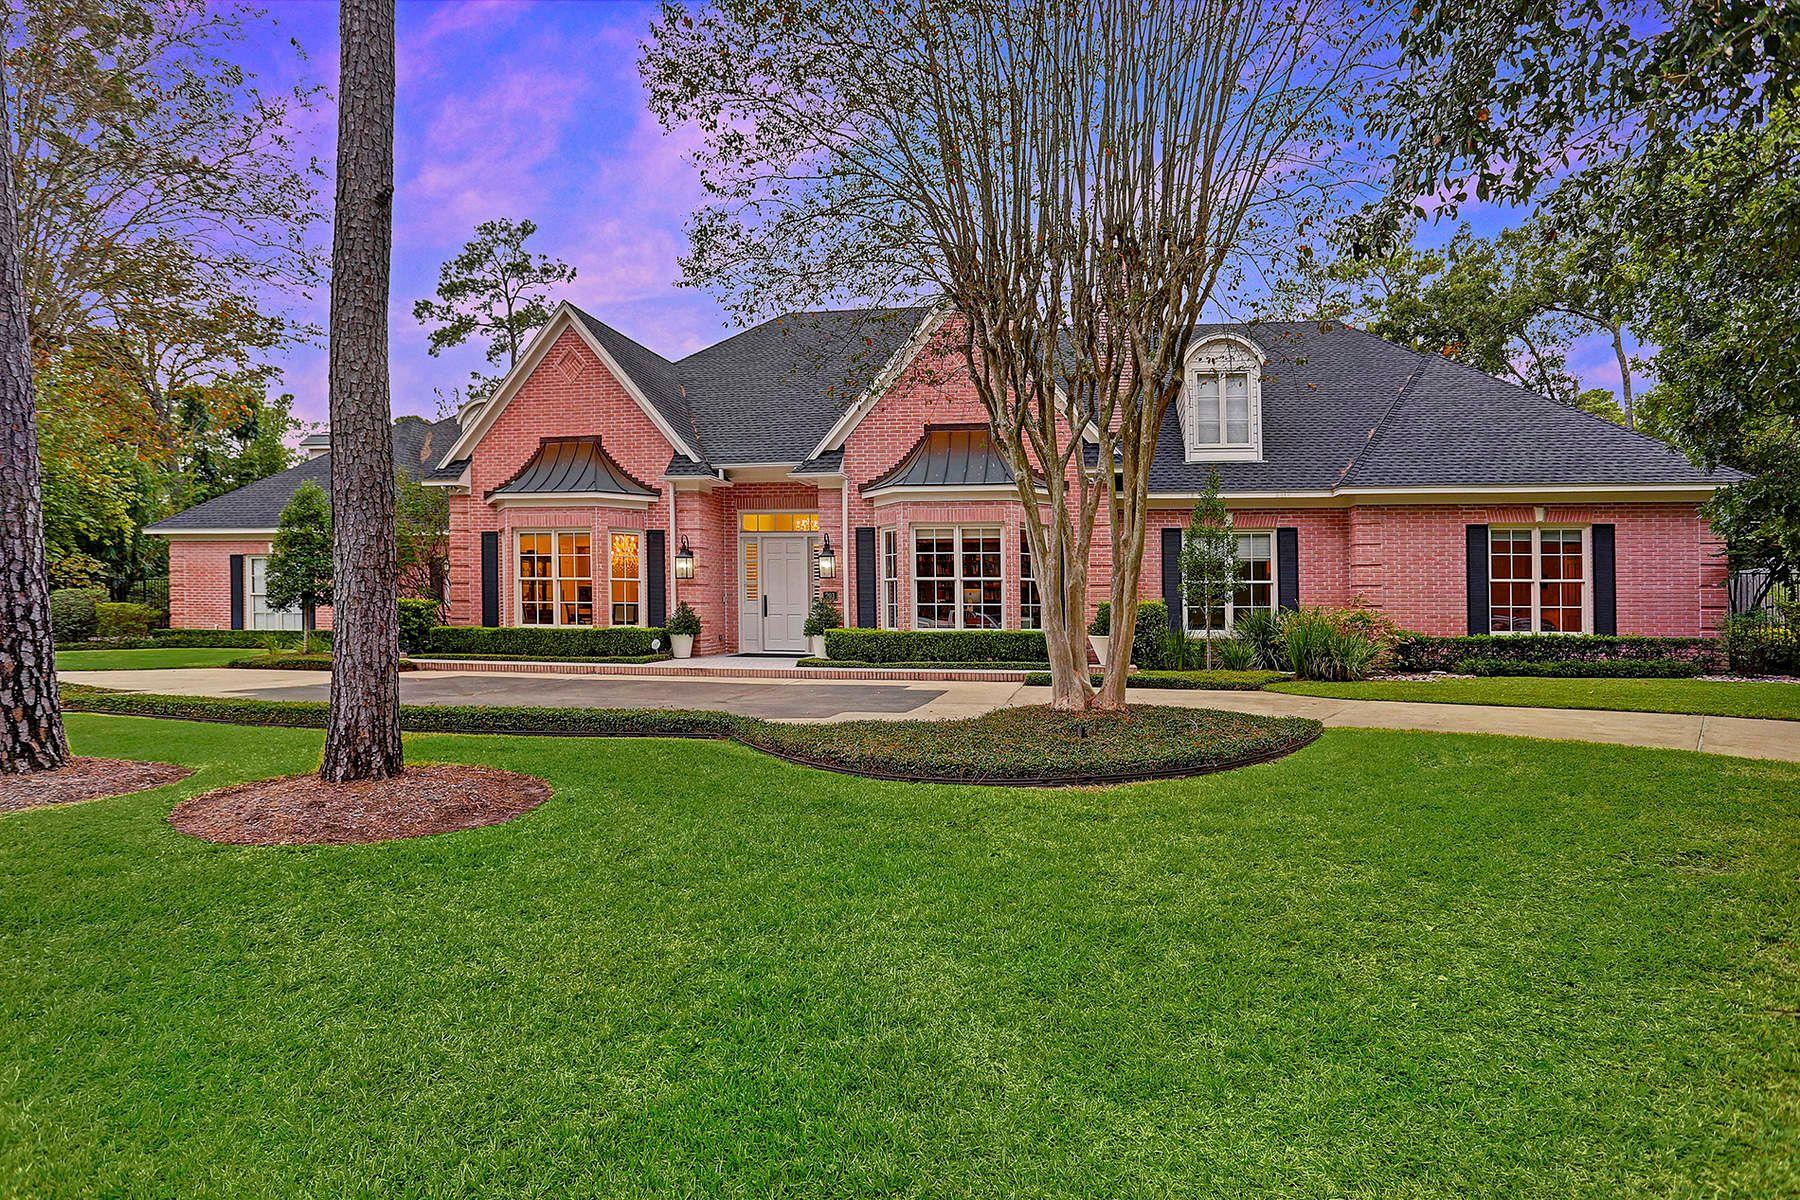 独户住宅 为 销售 在 203 Heritage Oaks Lane 休斯顿, 得克萨斯州, 77024 美国